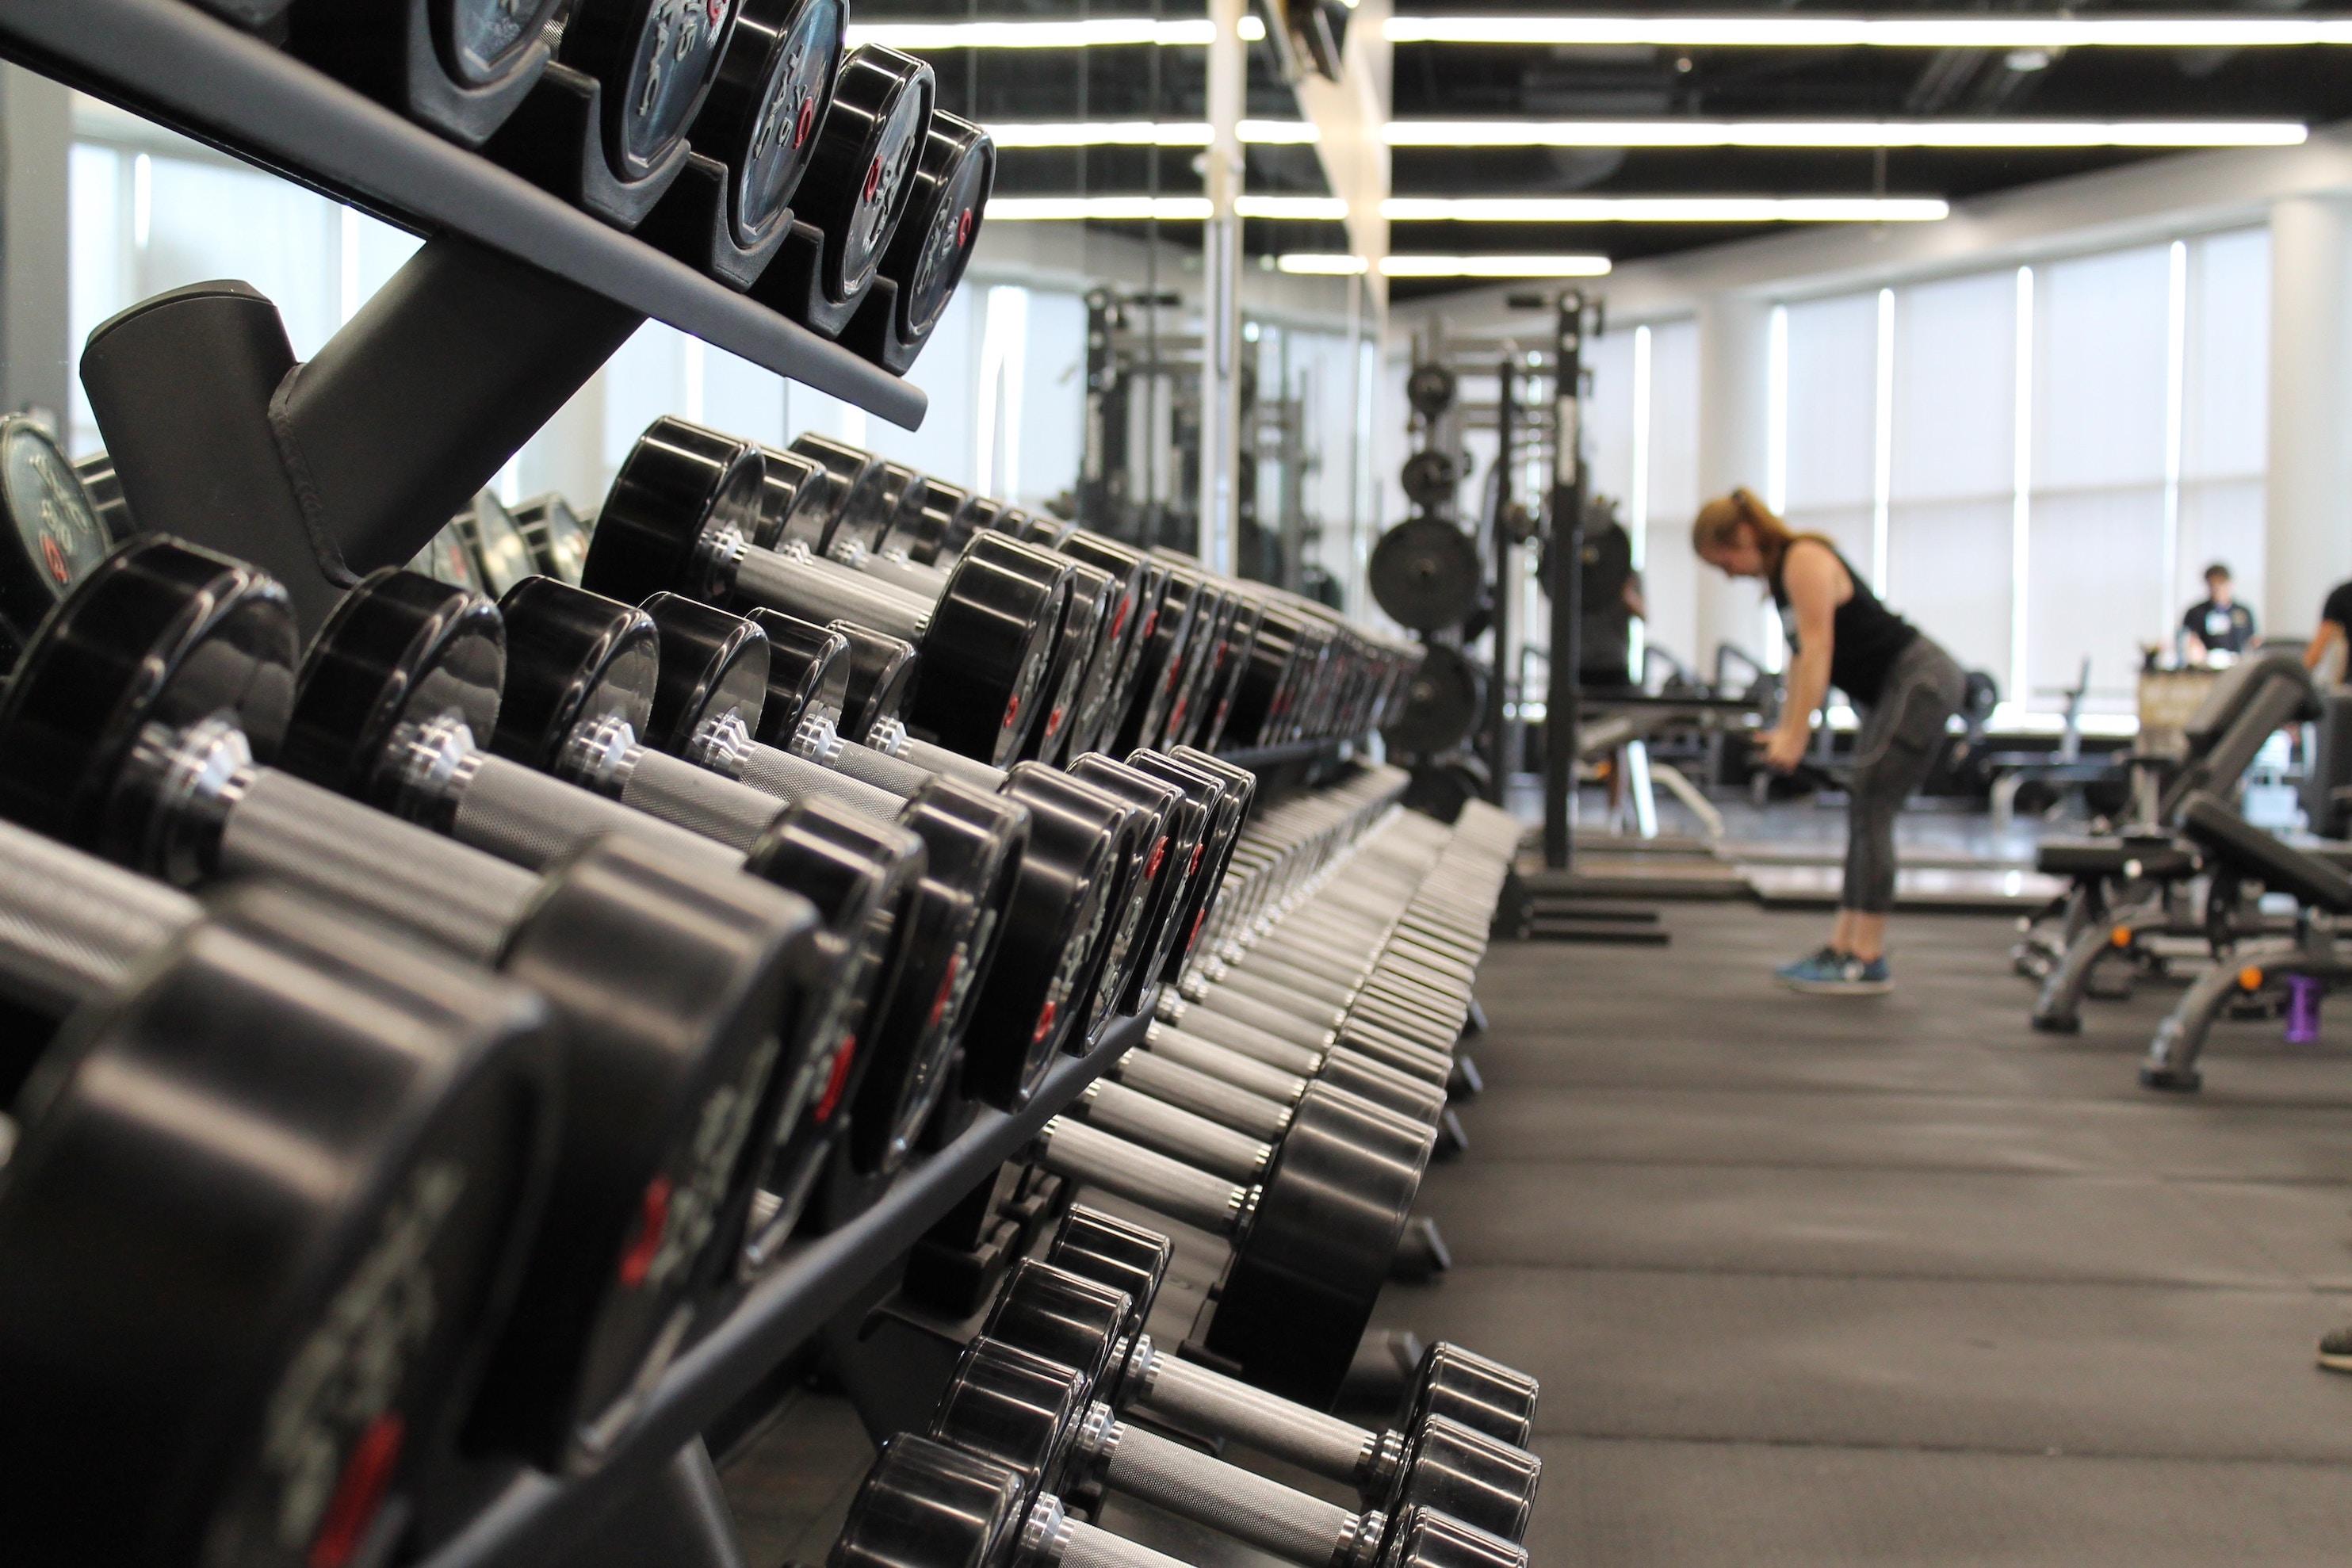 筋肥大に効果的な筋トレの頻度は?ナチュラルは各部位週2回